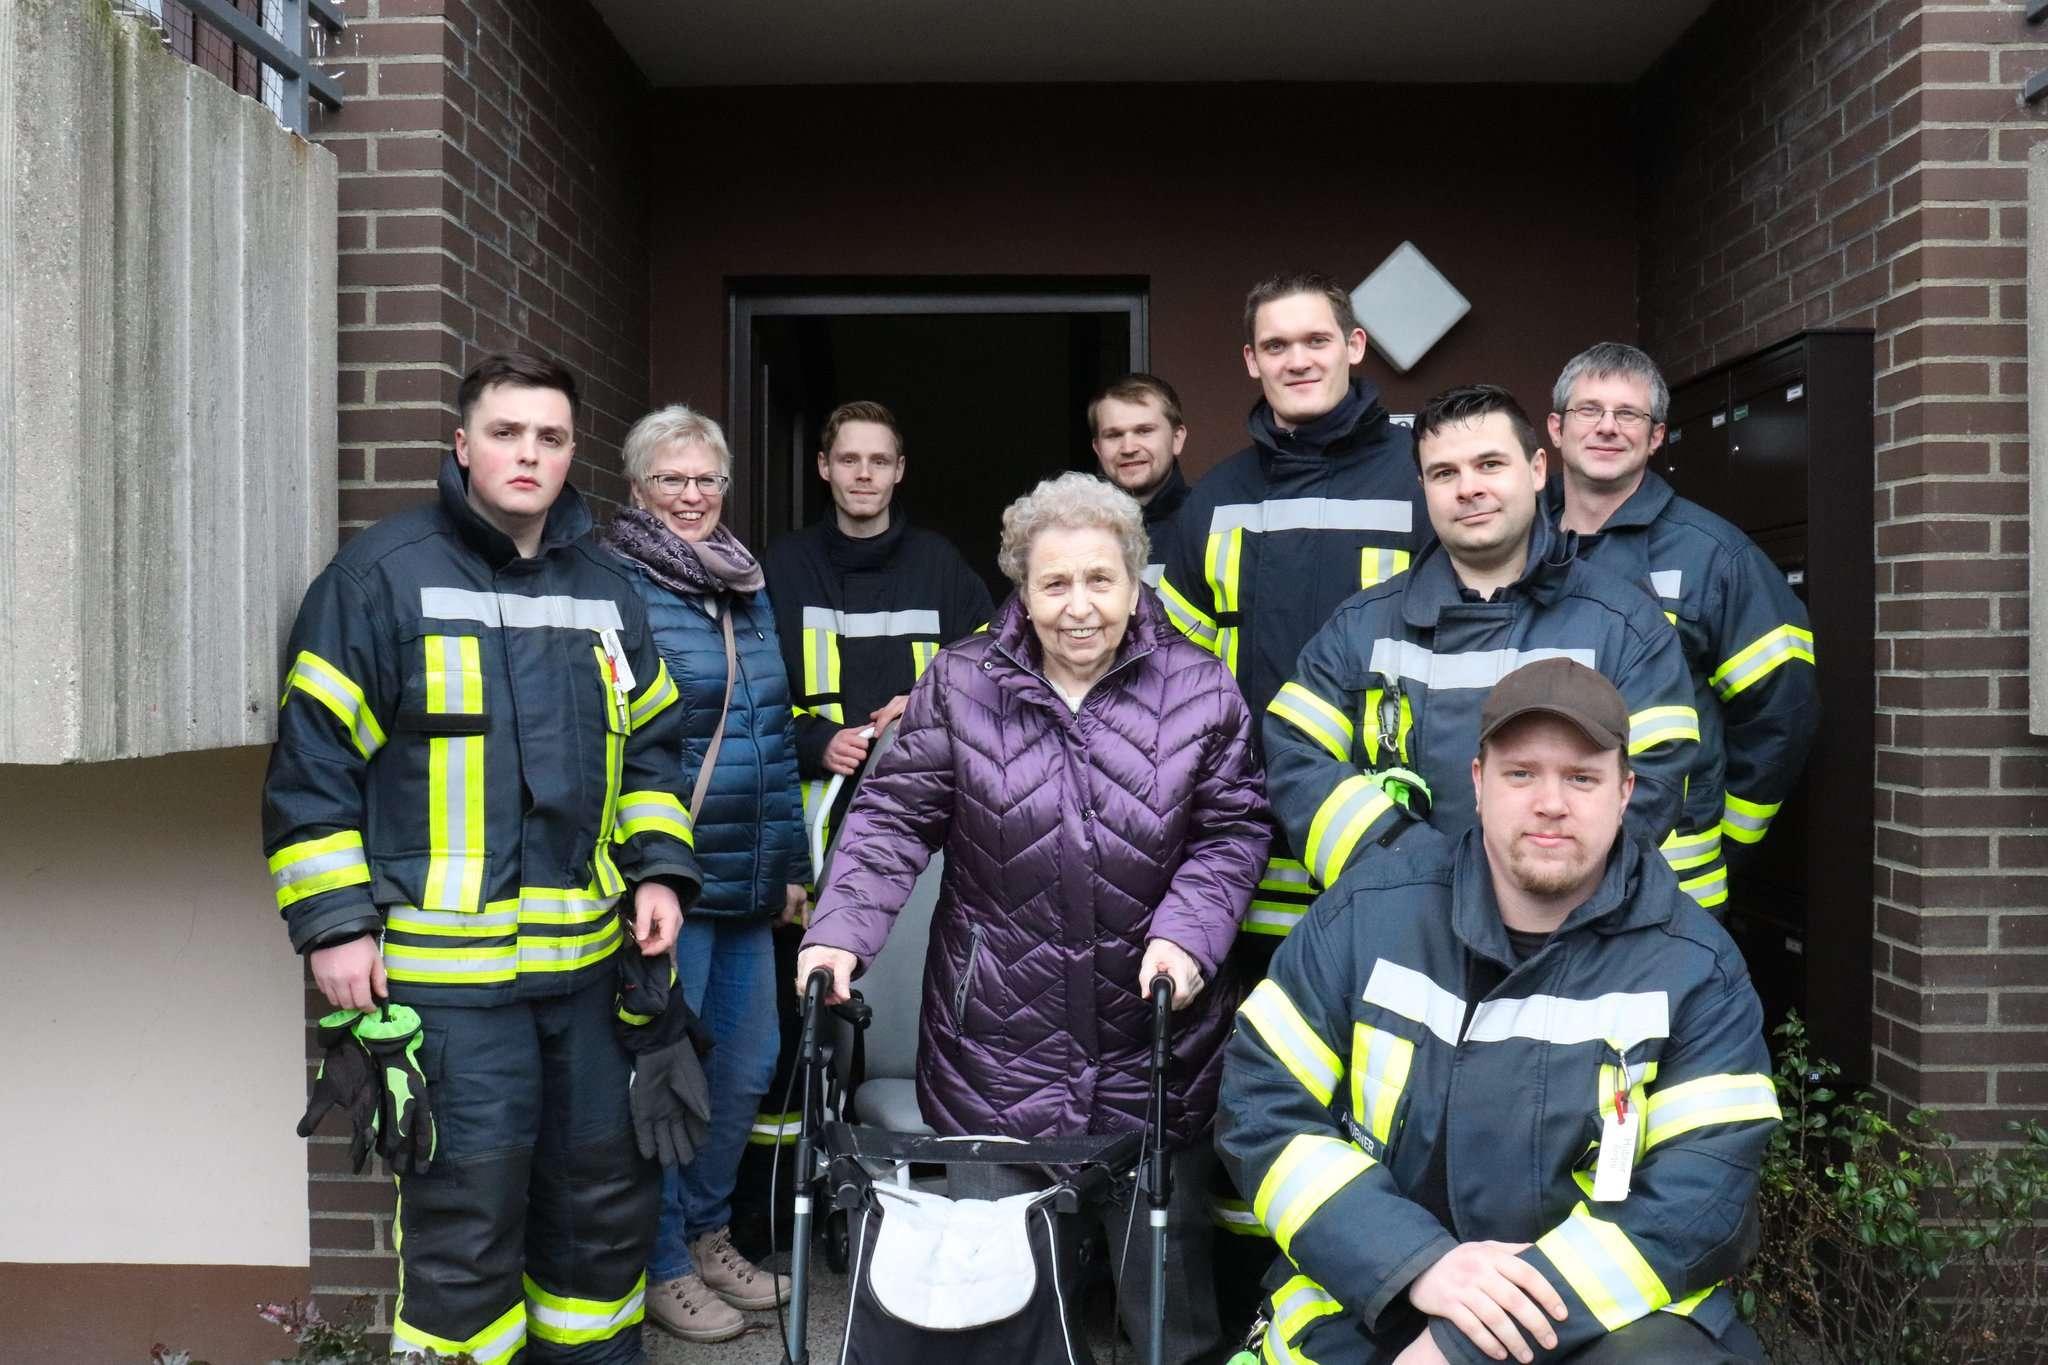 Annemarie Bassen (Bildmitte) ist überglücklich, dass sie ihre Tochter Petra Surmann besuchen konnte. Mitglieder der Freiwilligen Feuerwehr Rotenburg machten es möglich.